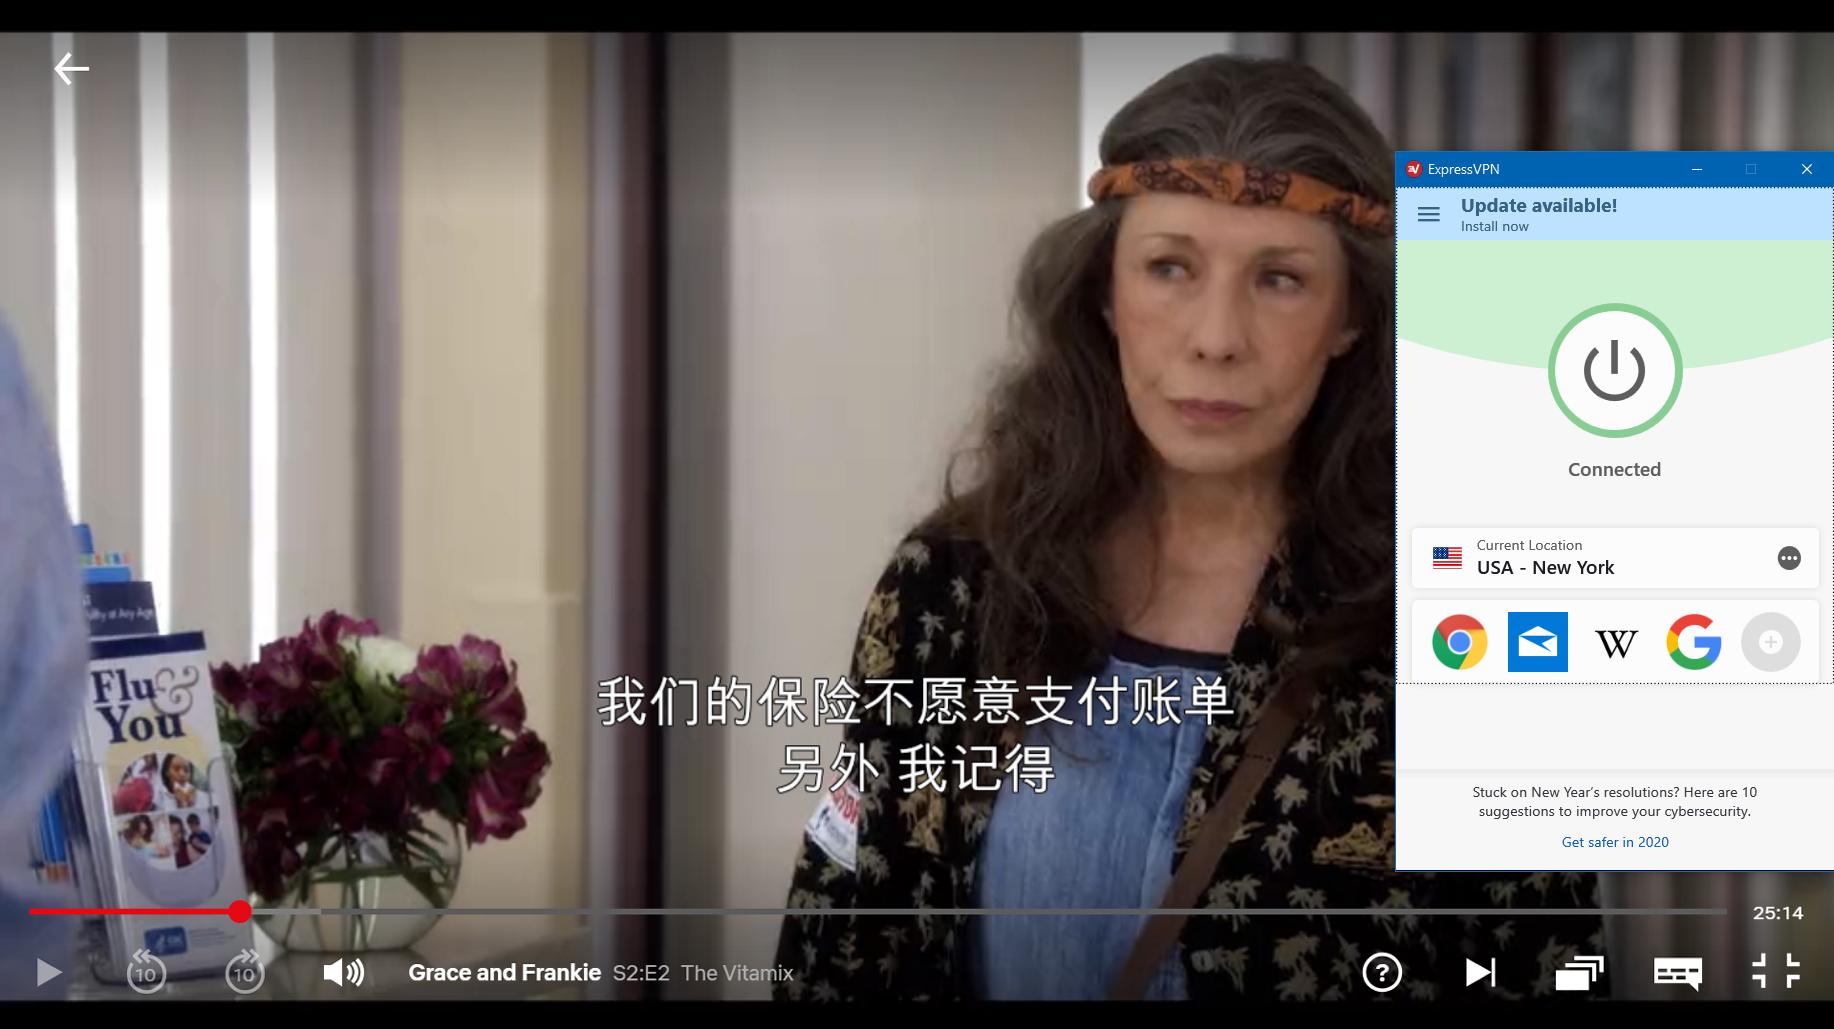 """使用ExpressVPN在Netflix上播放的"""" Grace And Frankie""""的屏幕截图"""